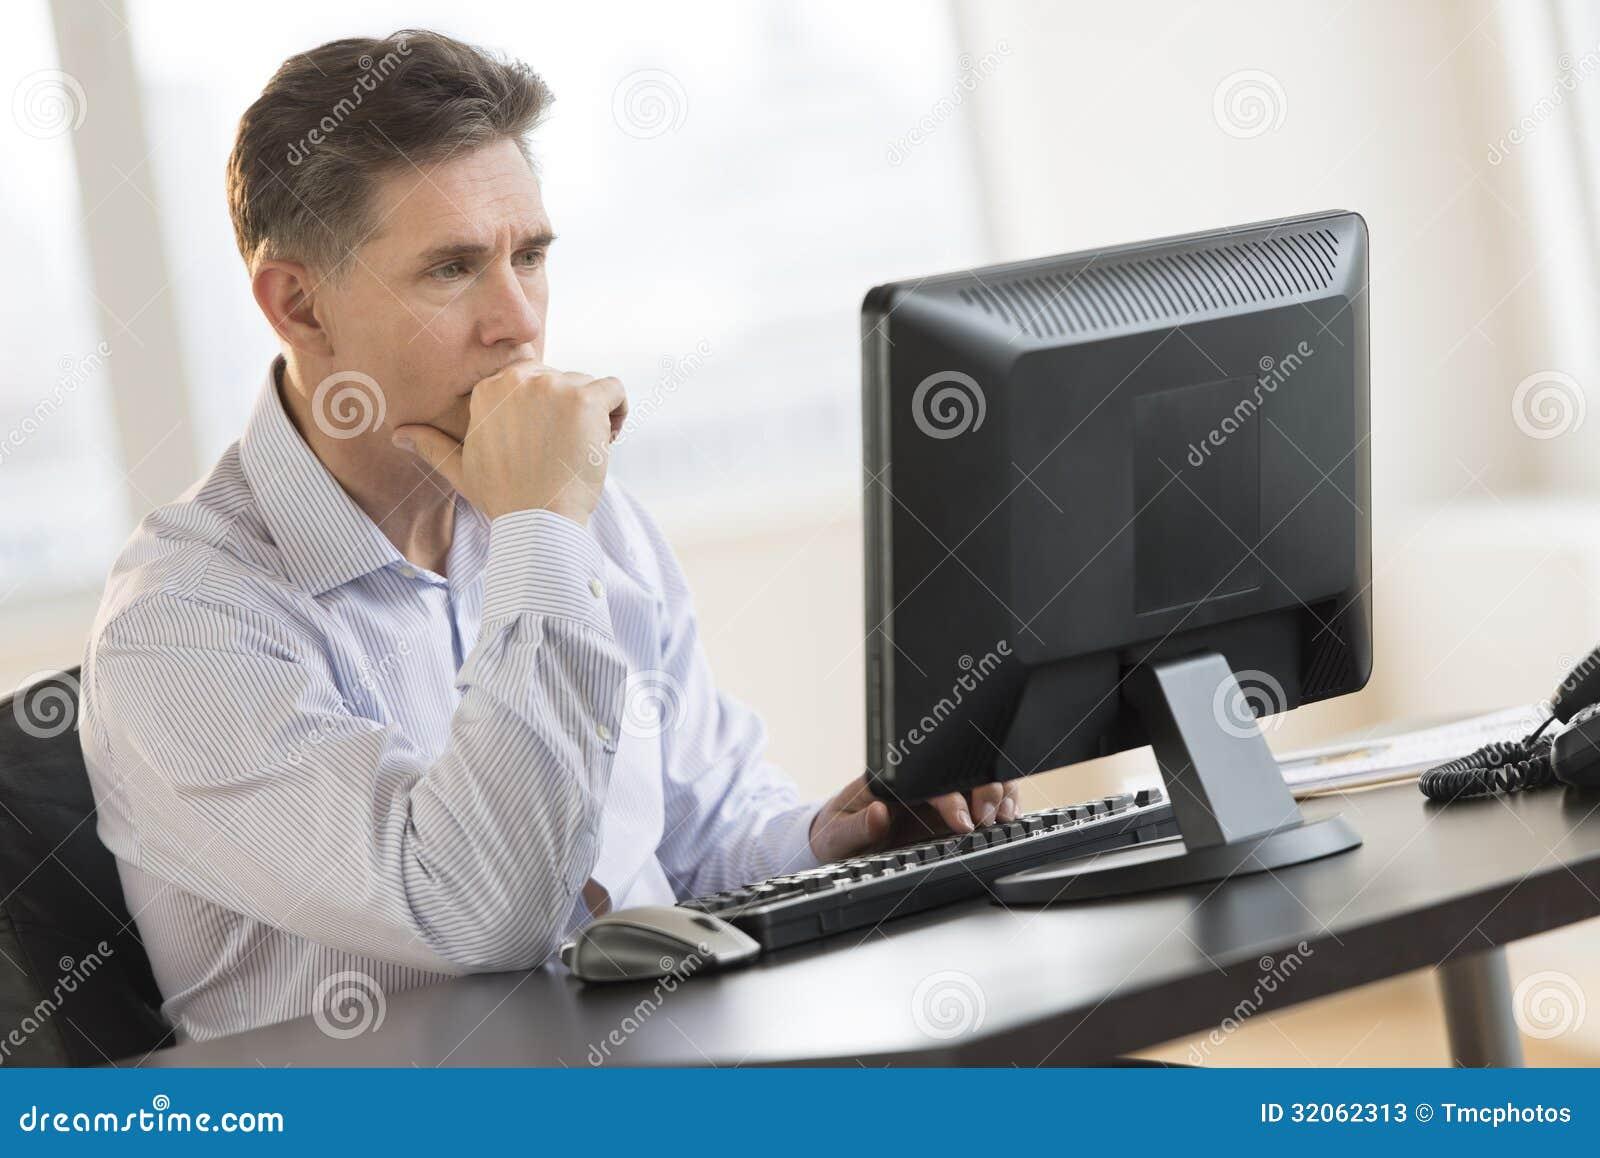 Geschaftsmann Working On Desktop Pc Im Buro Stockbild Bild Von